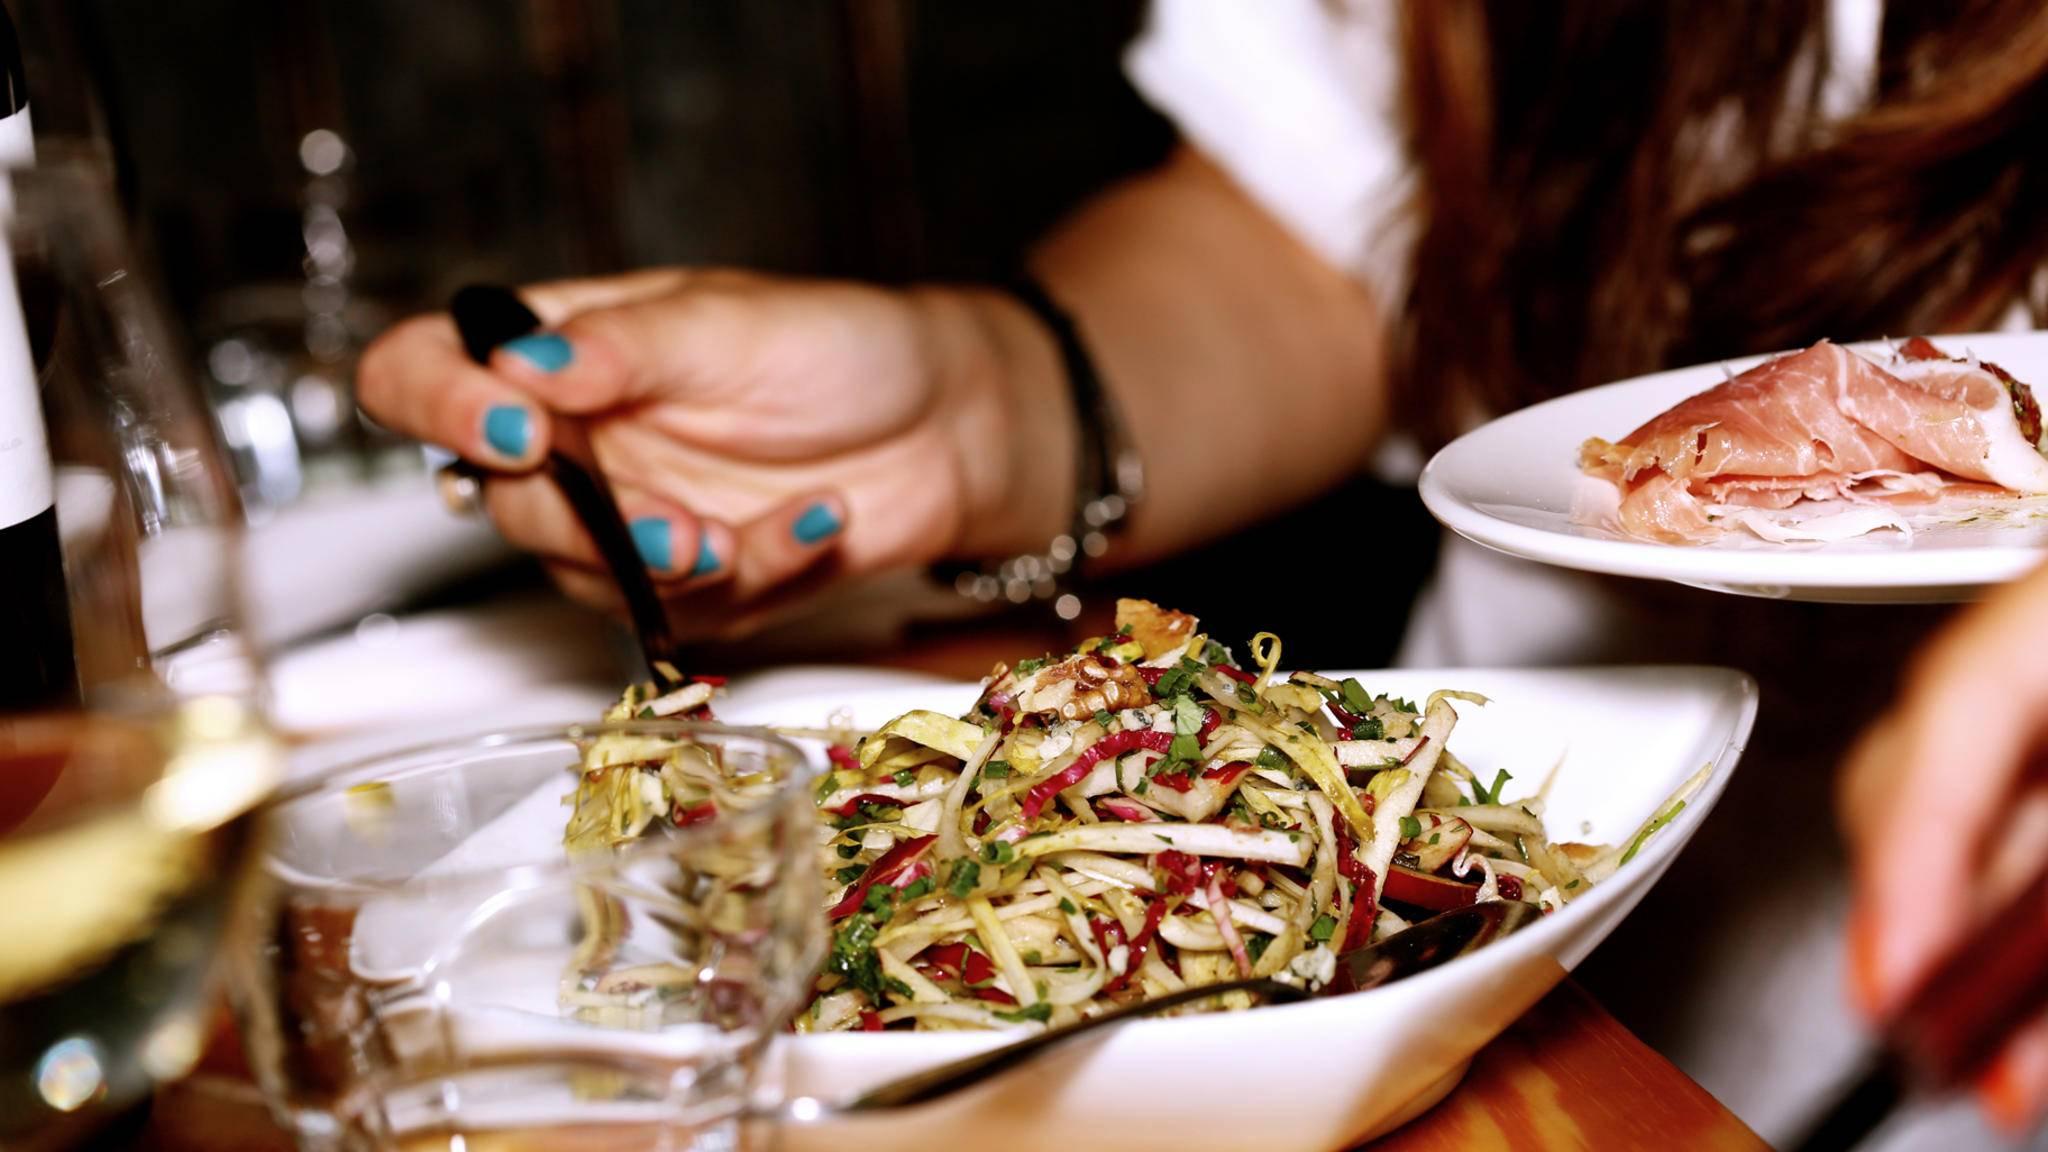 Heute nur Salat? Manchmal ist es gar nicht so einfach, auf Fleisch zu verzichten.